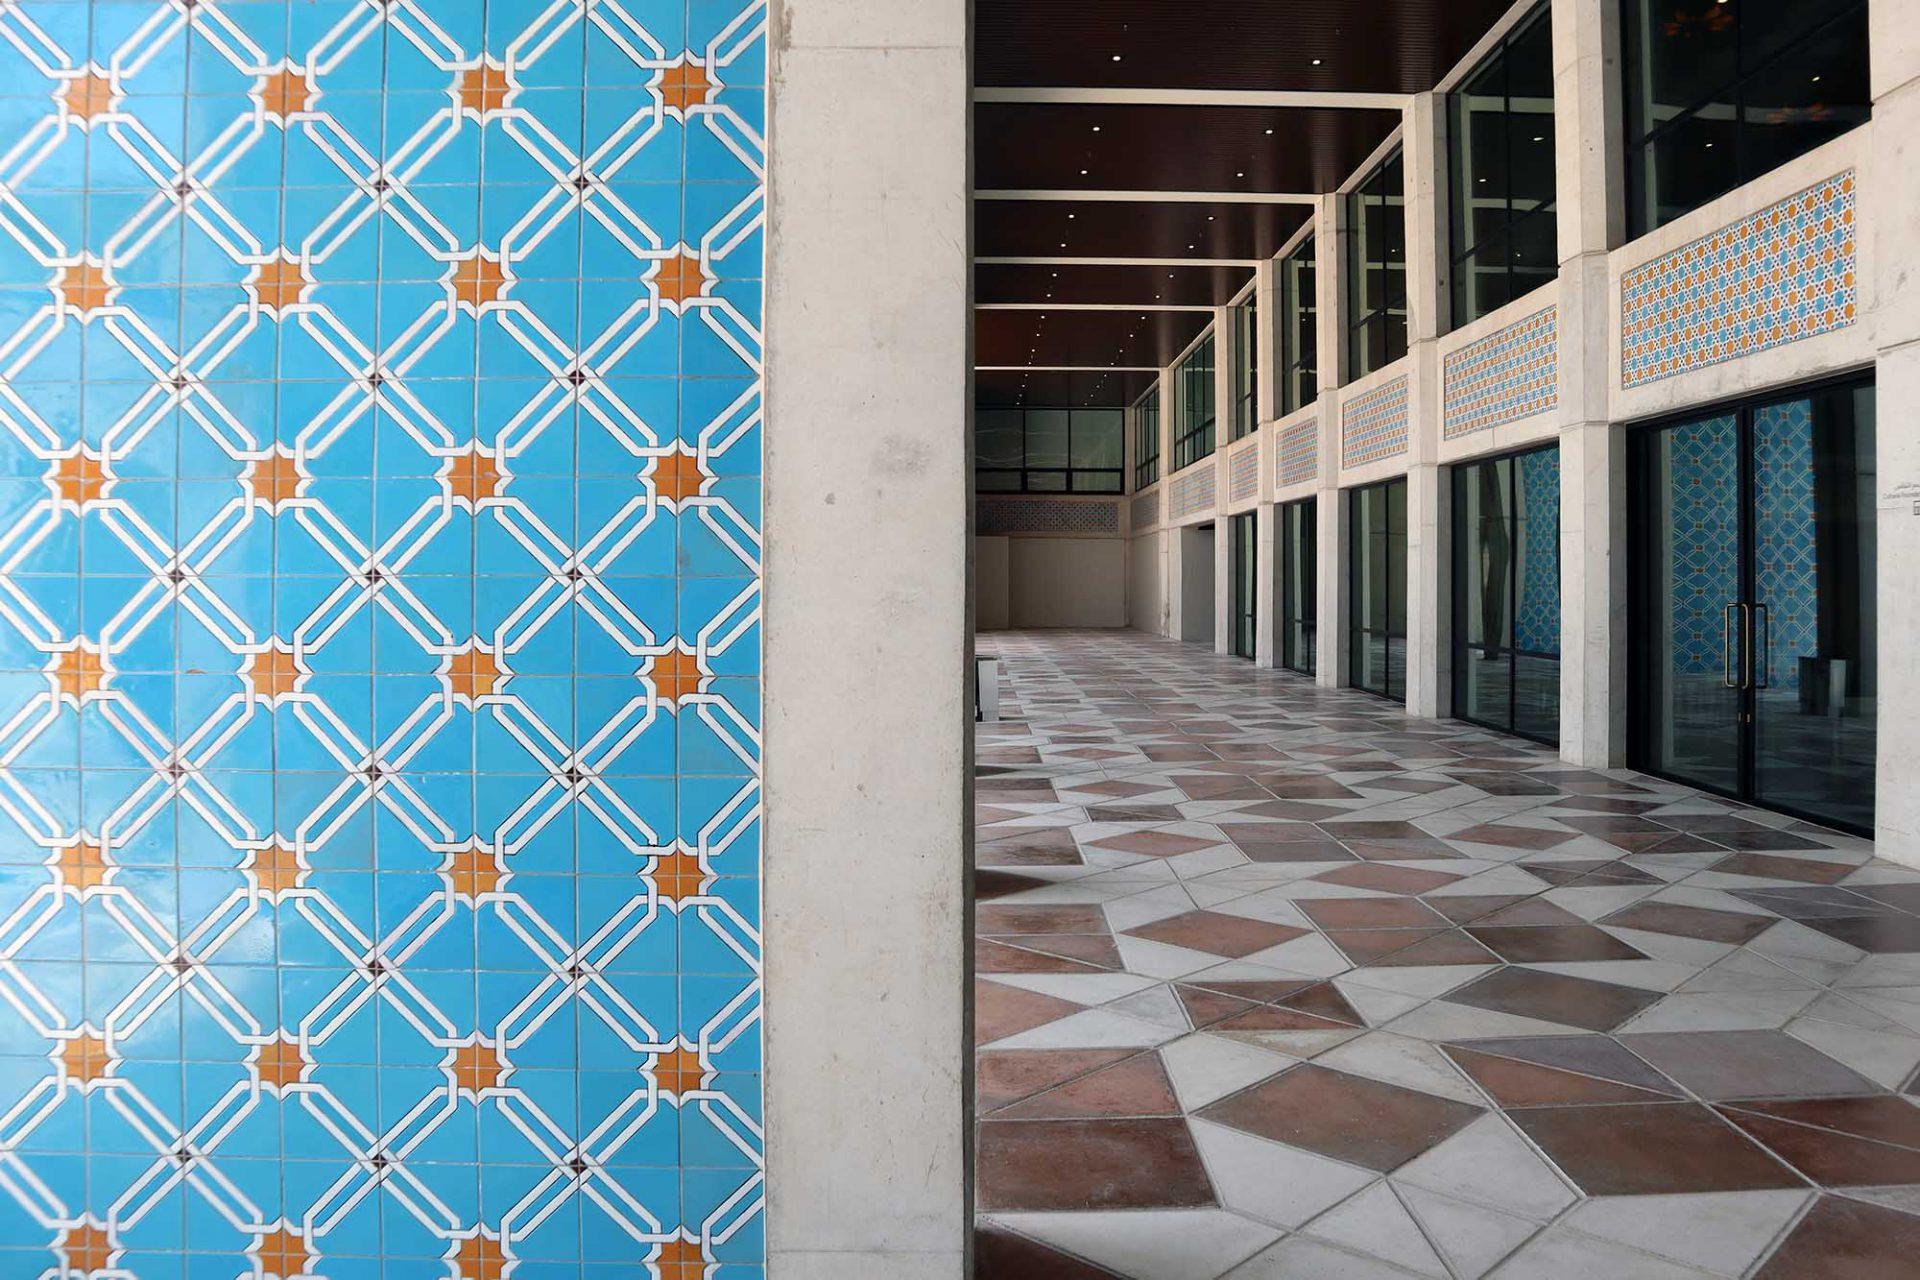 Cultural Foundation. ... mit geschnitzten Türen, glasierten Ziegeln und geometrischen Mustern an Decken, Wänden und Böden.